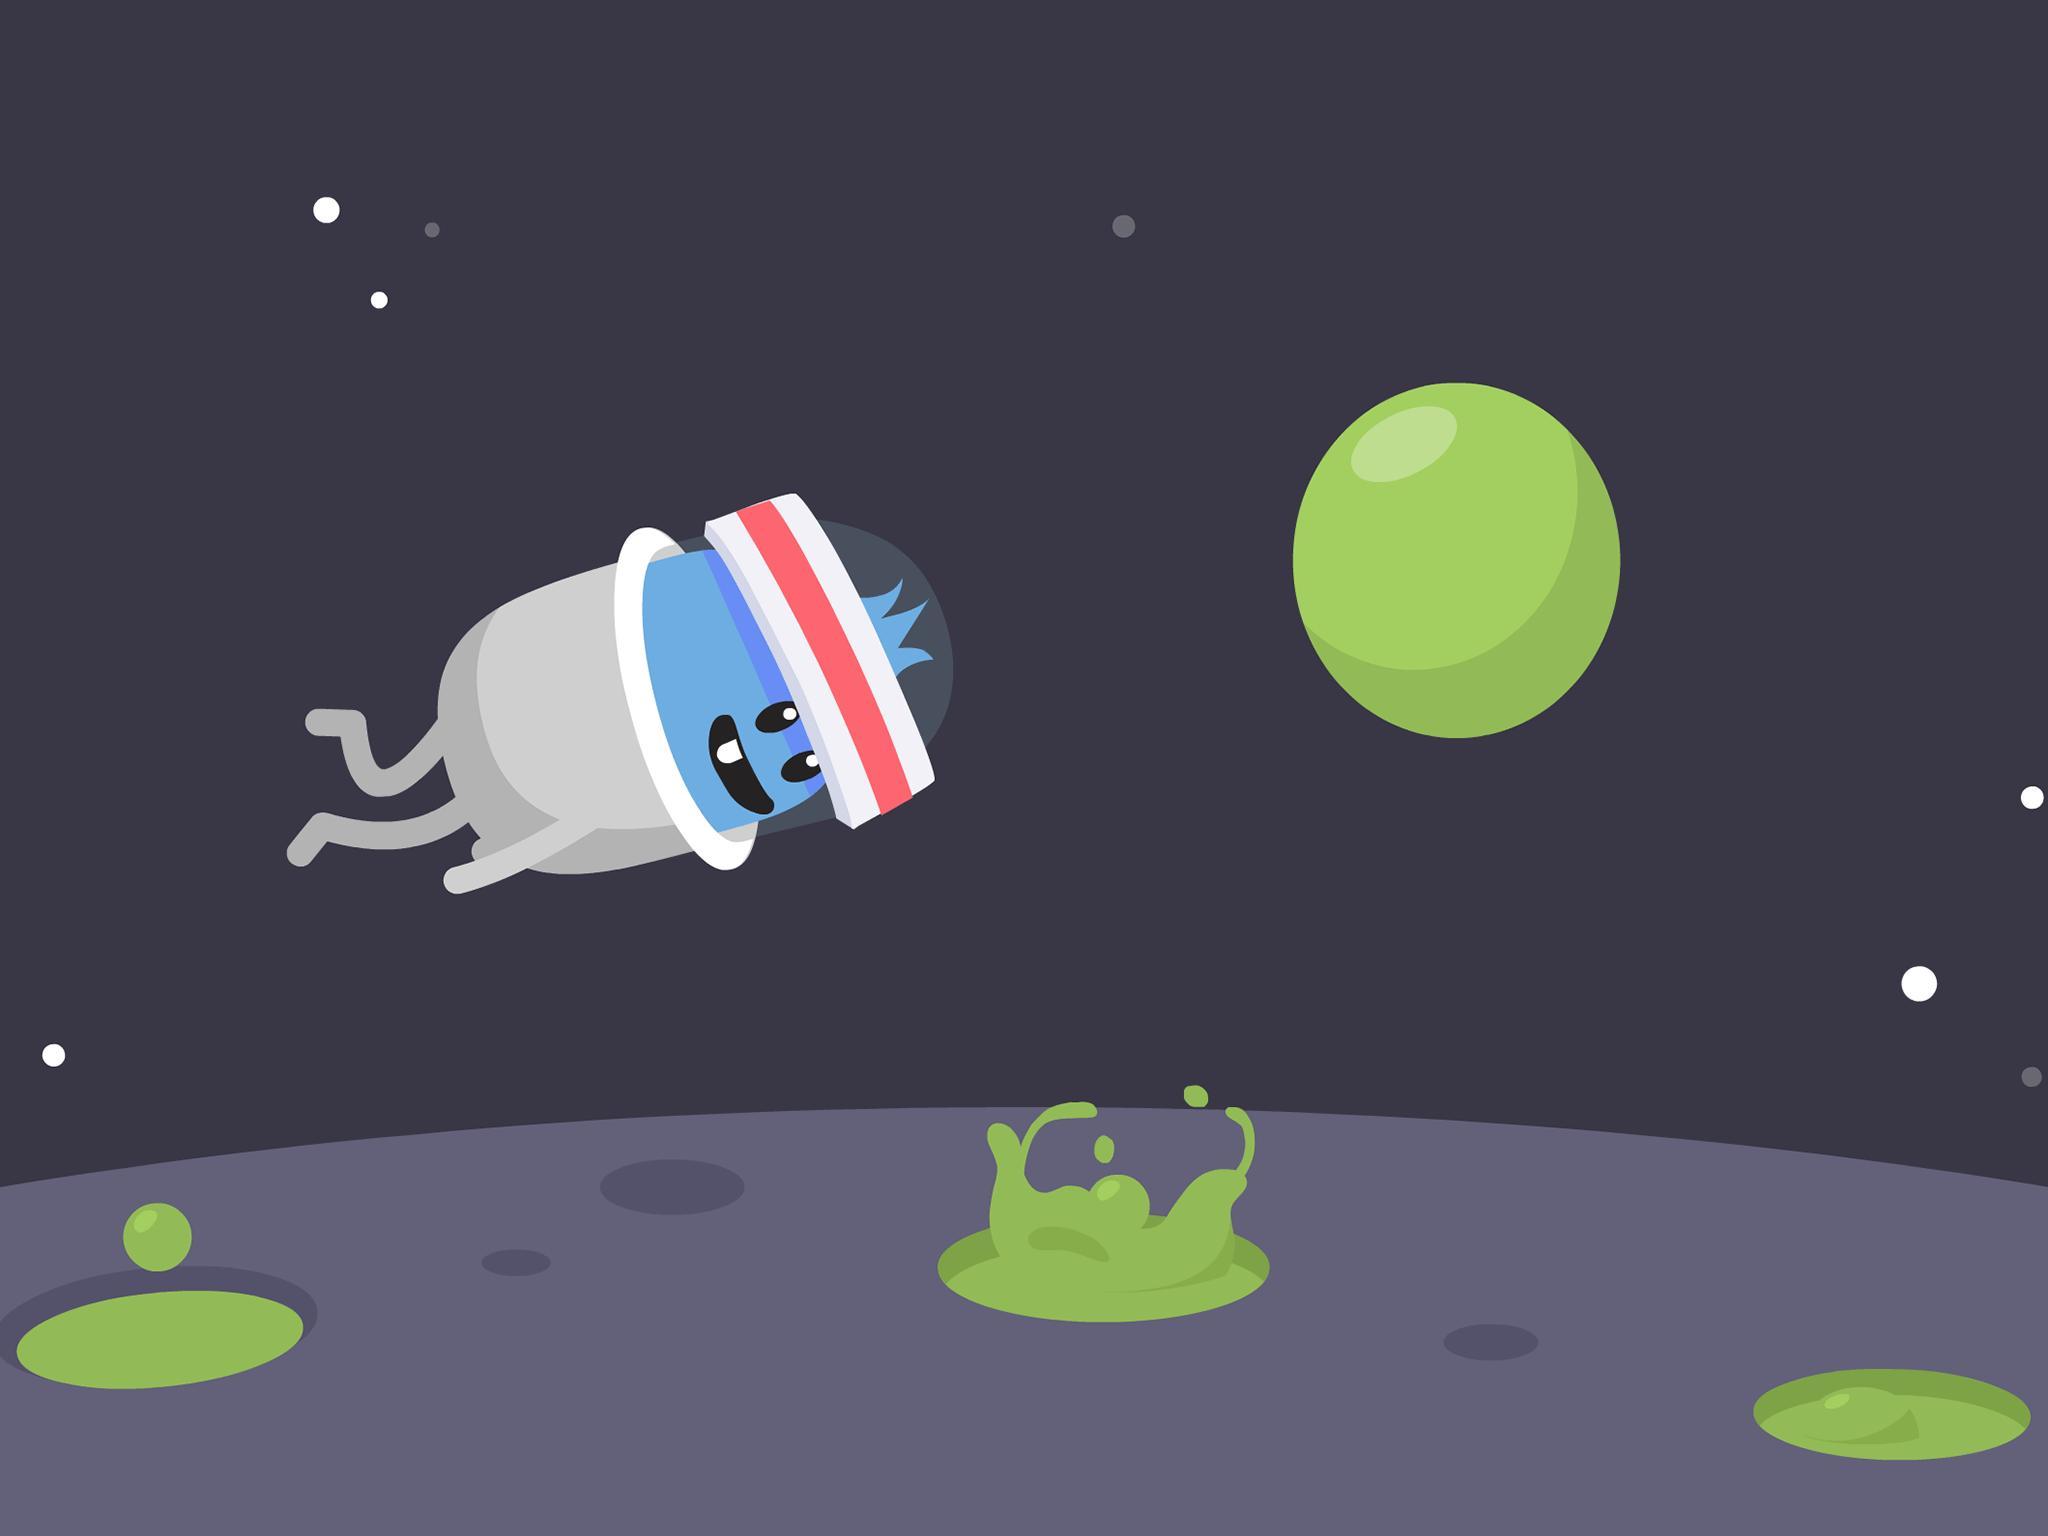 Dumb Ways to Die 2: The Games screenshot 1